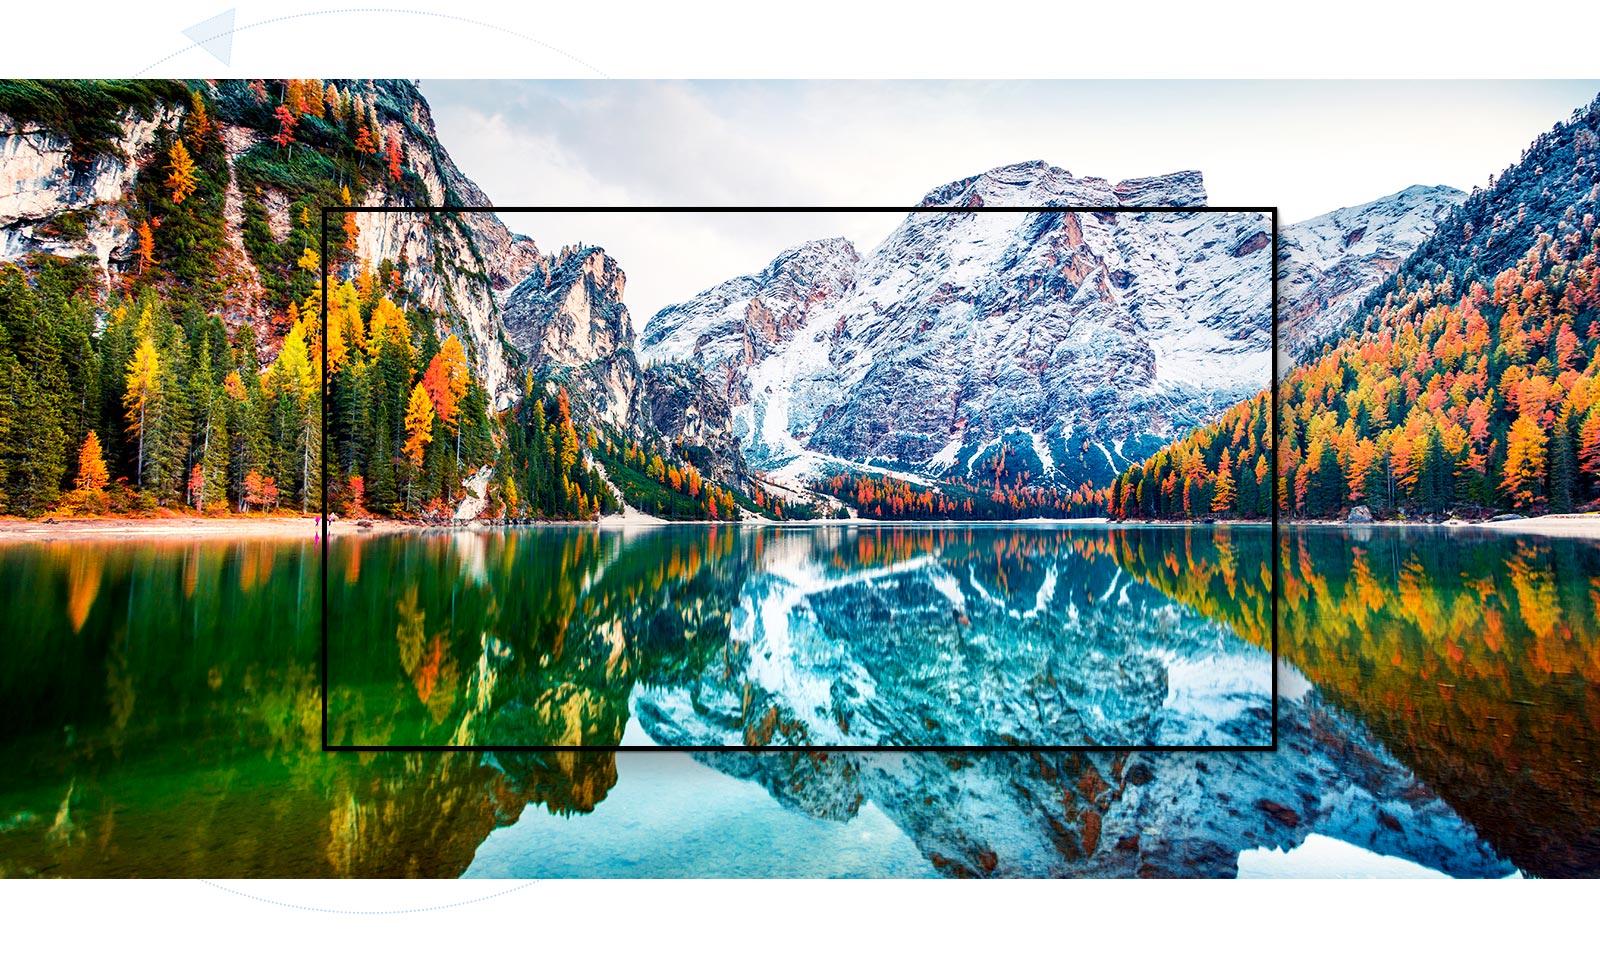 Een tv-scherm dat het landschap van de berg en het meer vastlegt is vergroot (speel de video af)